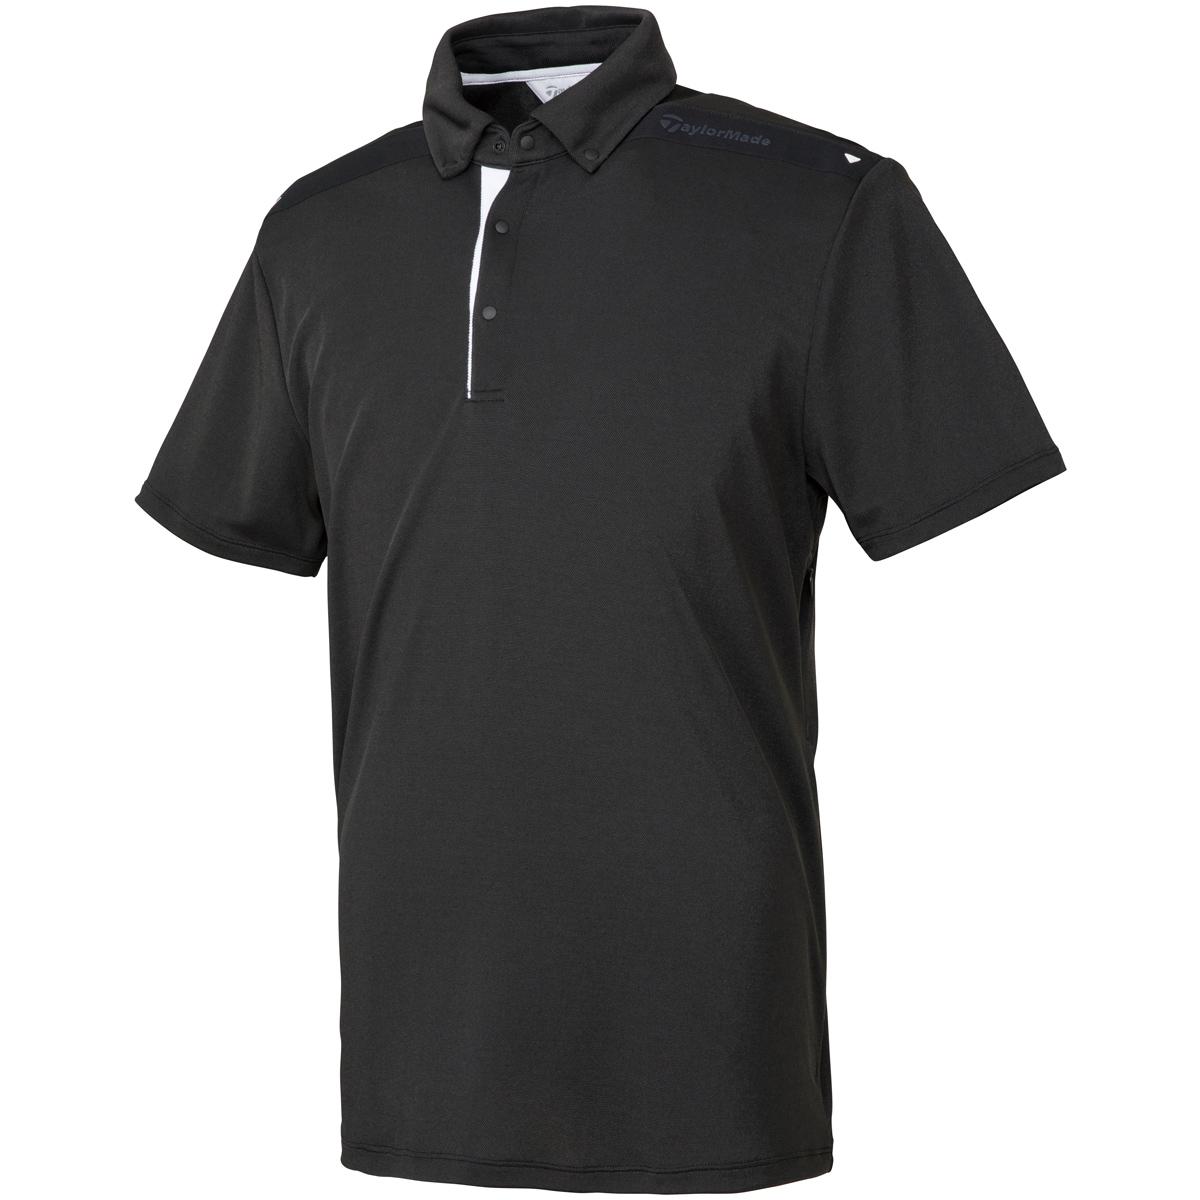 ストレッチ ベンチレーション ボタンダウン半袖ポロシャツ